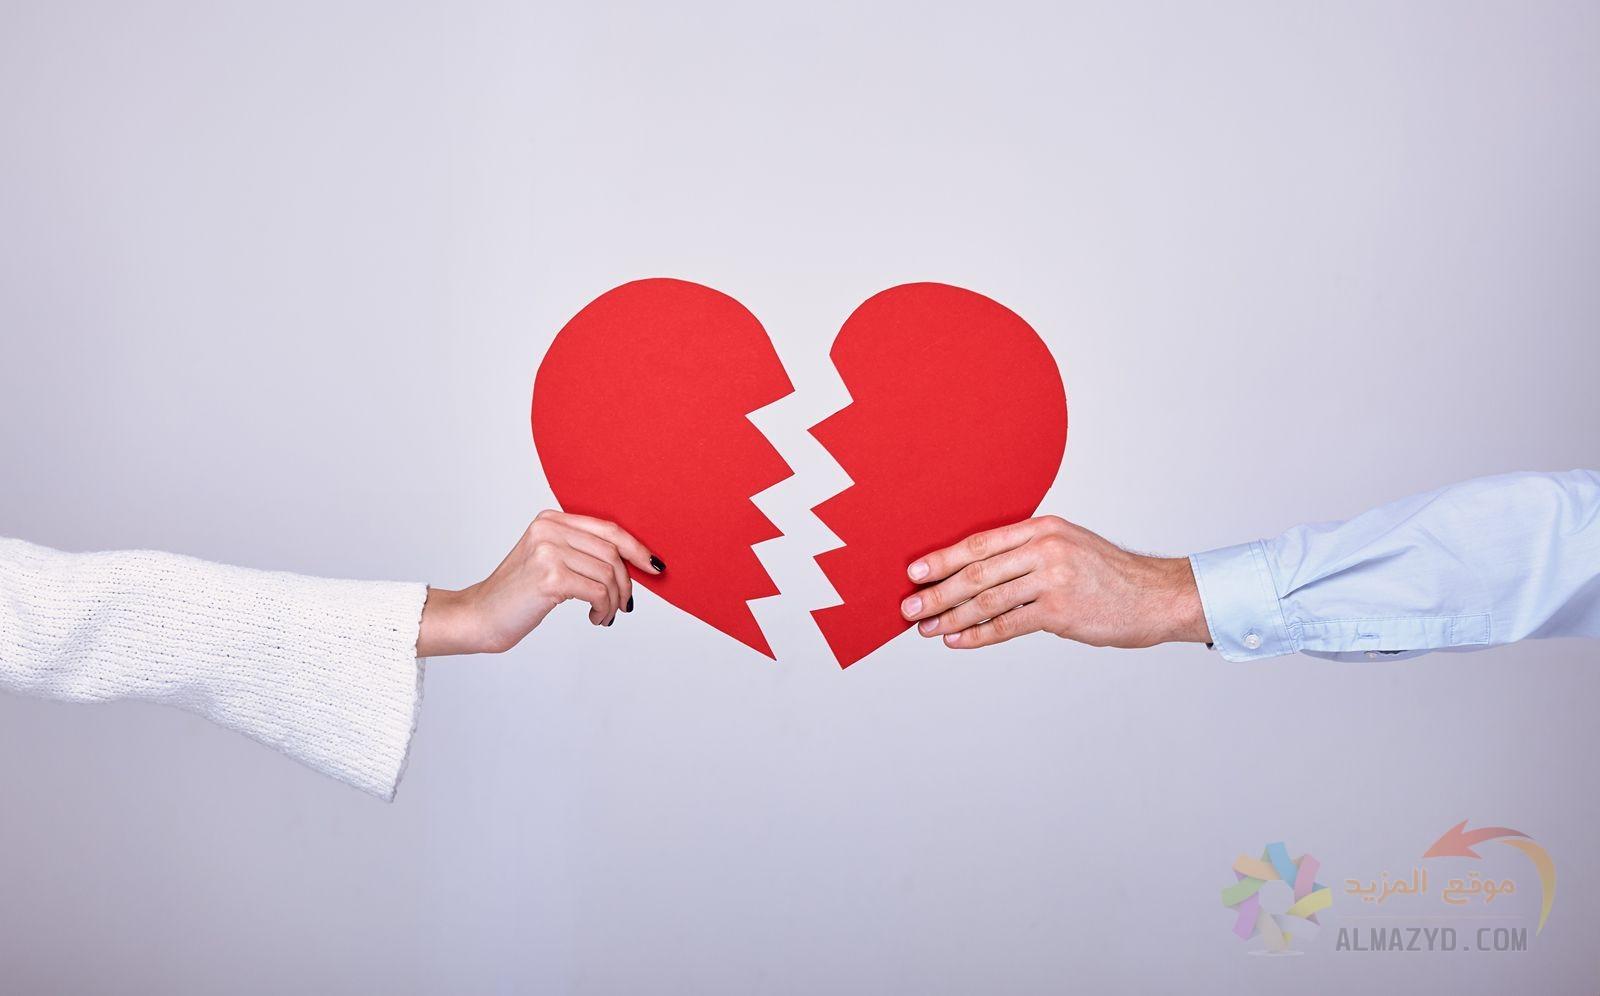 صور حب خادع , قلوب مكسورة